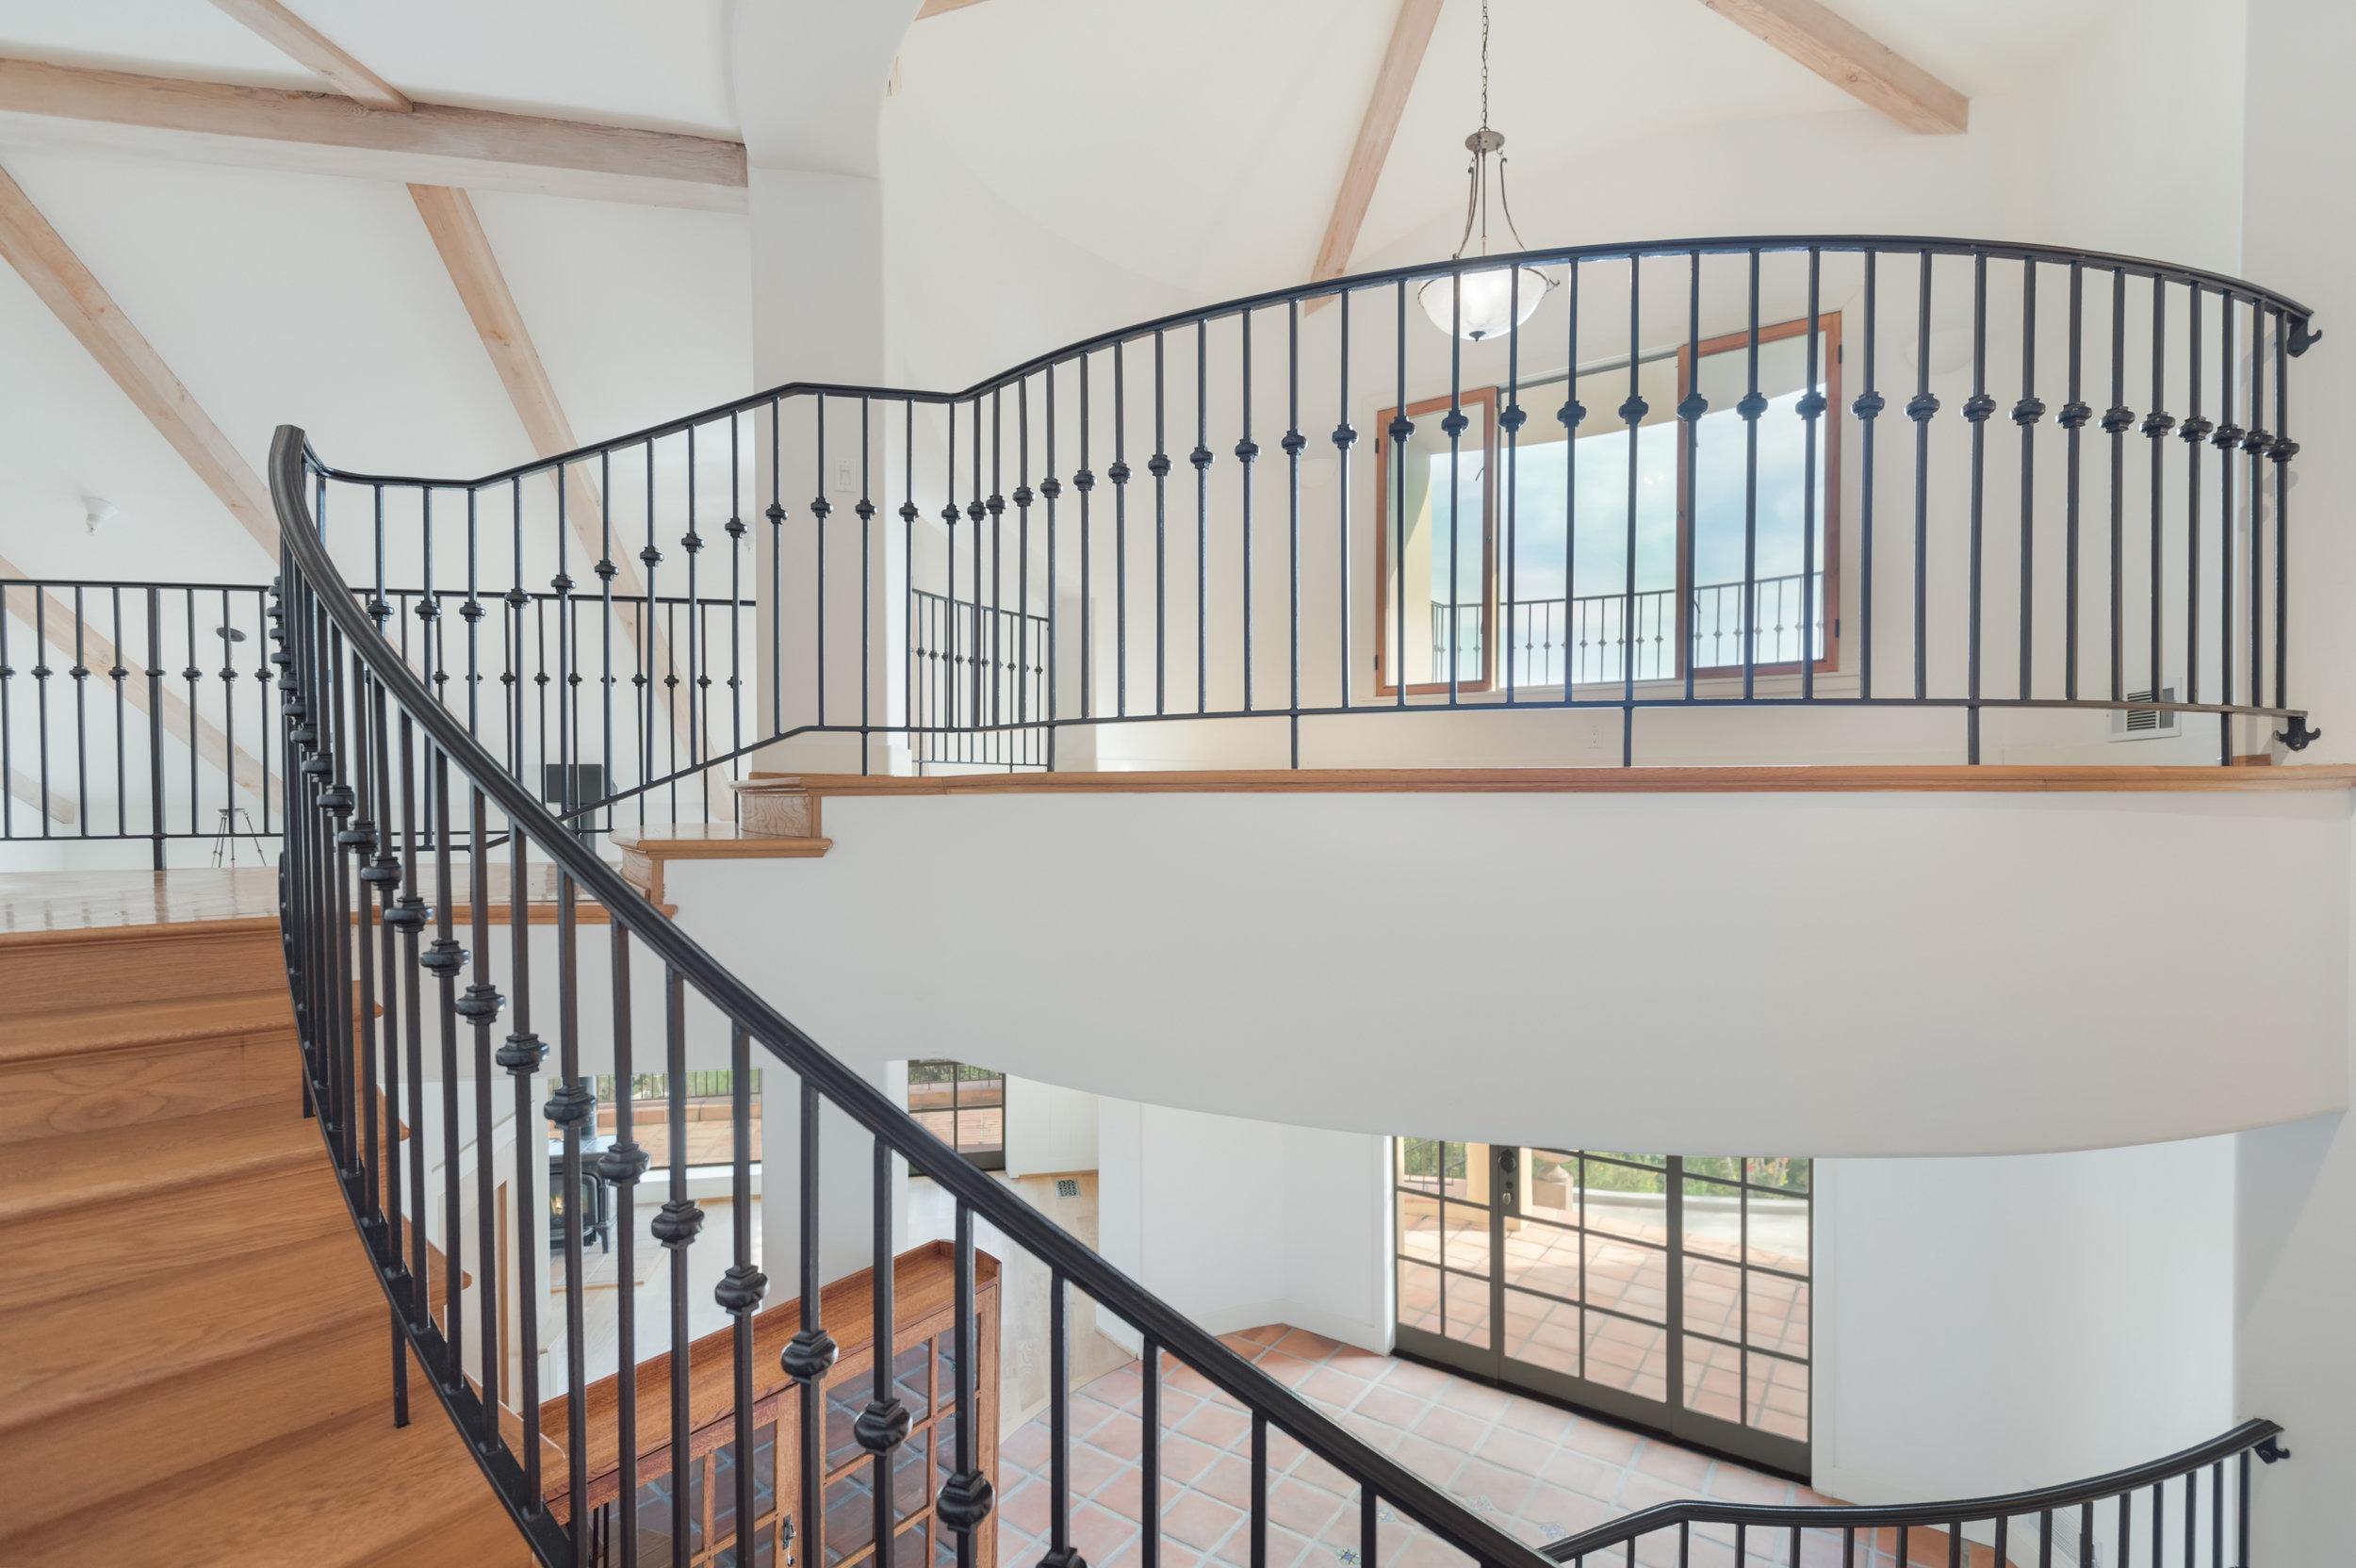 0011_stairs1.jpg